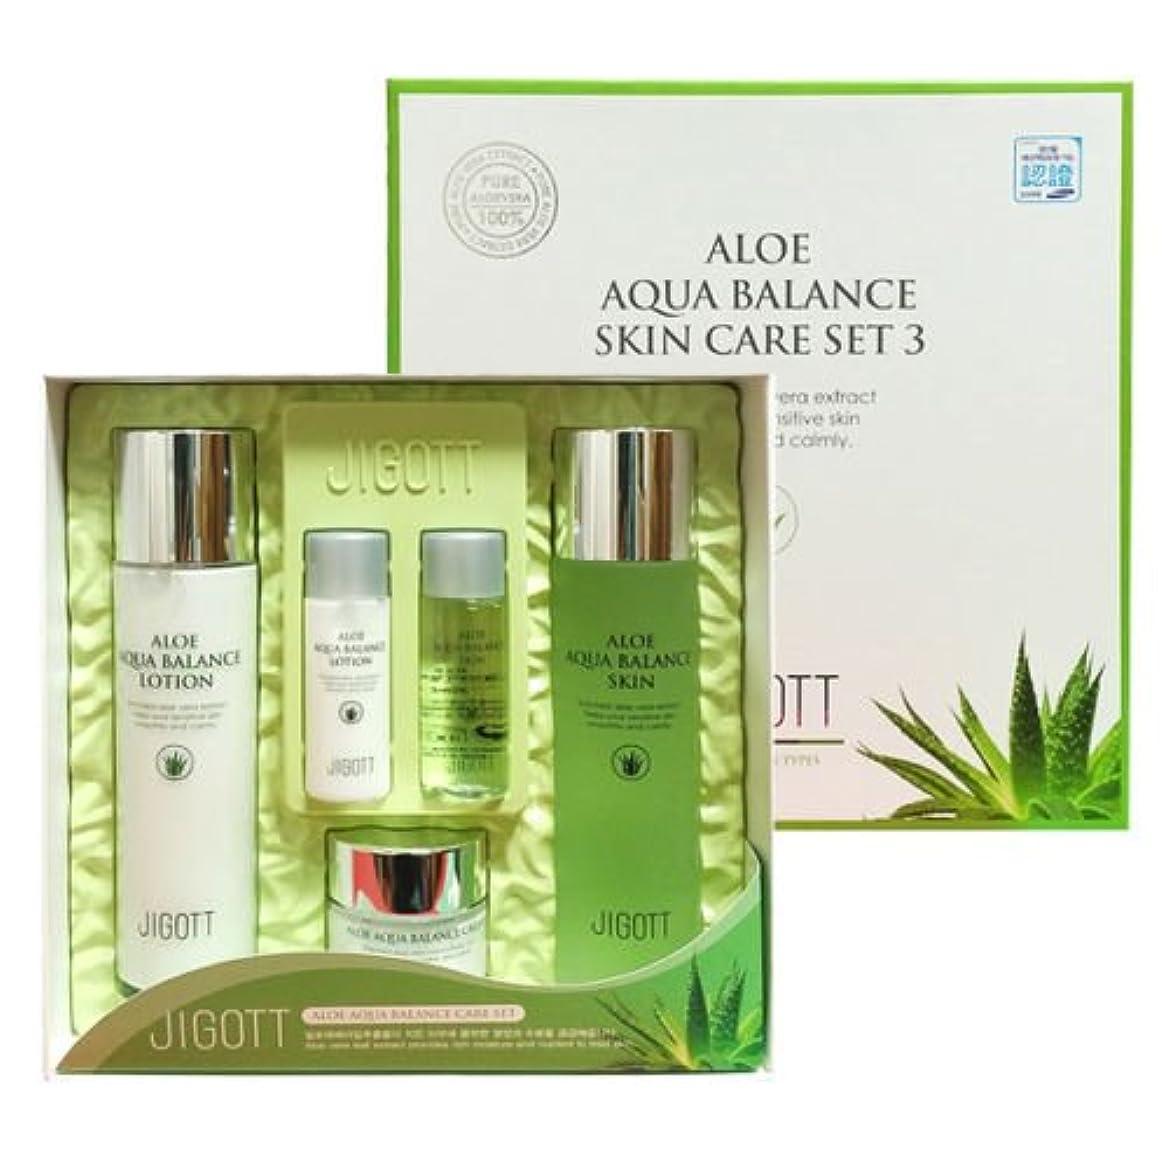 理由適度に取得ジゴトゥ[韓国コスメJigott]Aloe Aqua Balance Skin Care 3 Set アロエアクアバランススキンケア3セット樹液,乳液,クリーム [並行輸入品]